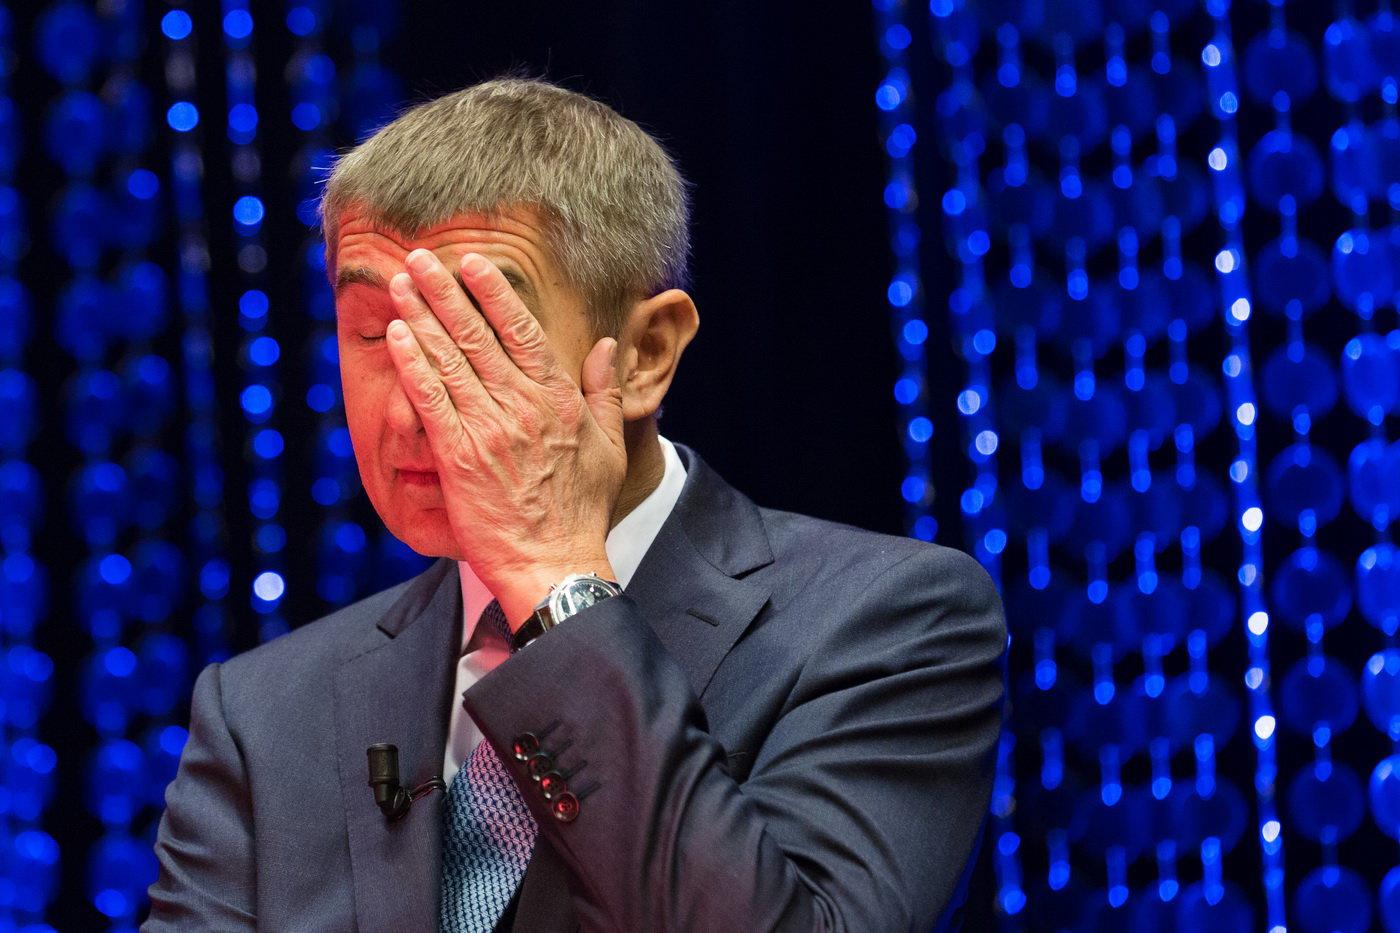 Na Slovensku se radují: Odmítnutí stížnosti Babiše je skvělá zpráva - anotační obrázek